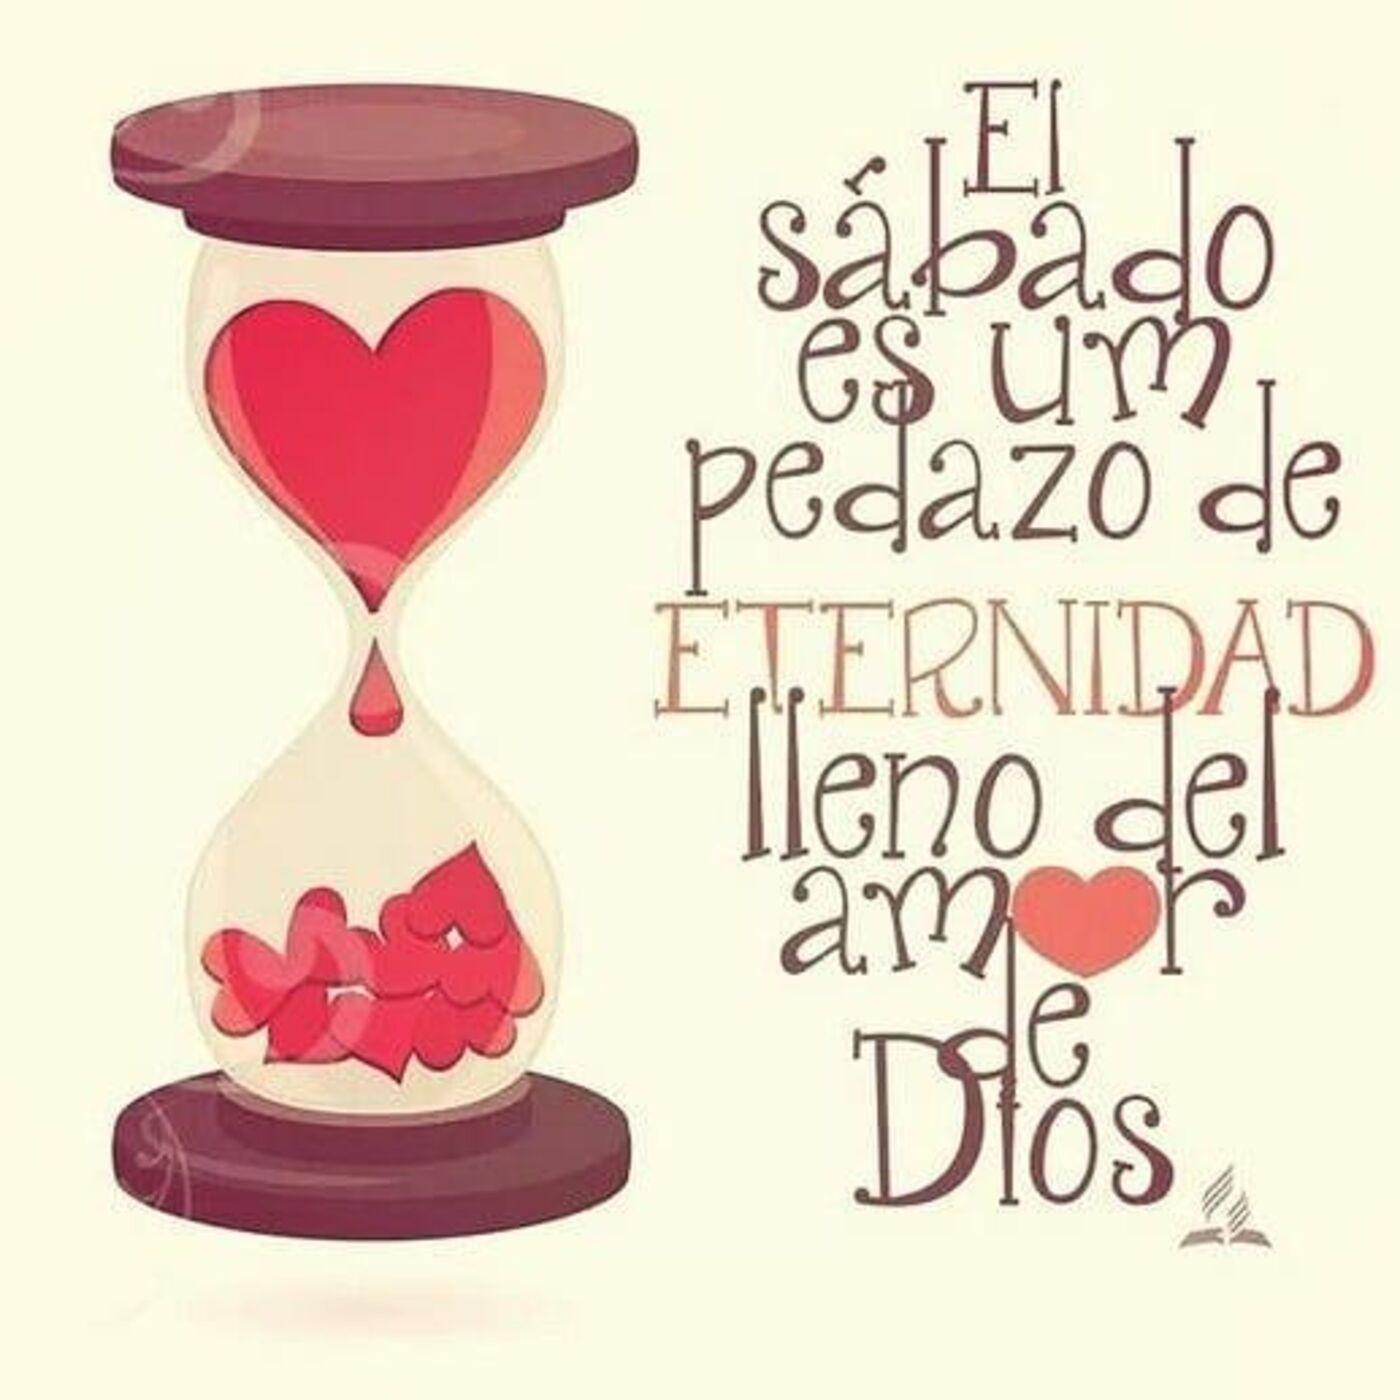 El sábado es un pedazo de eternidad lleno del amor de Dios